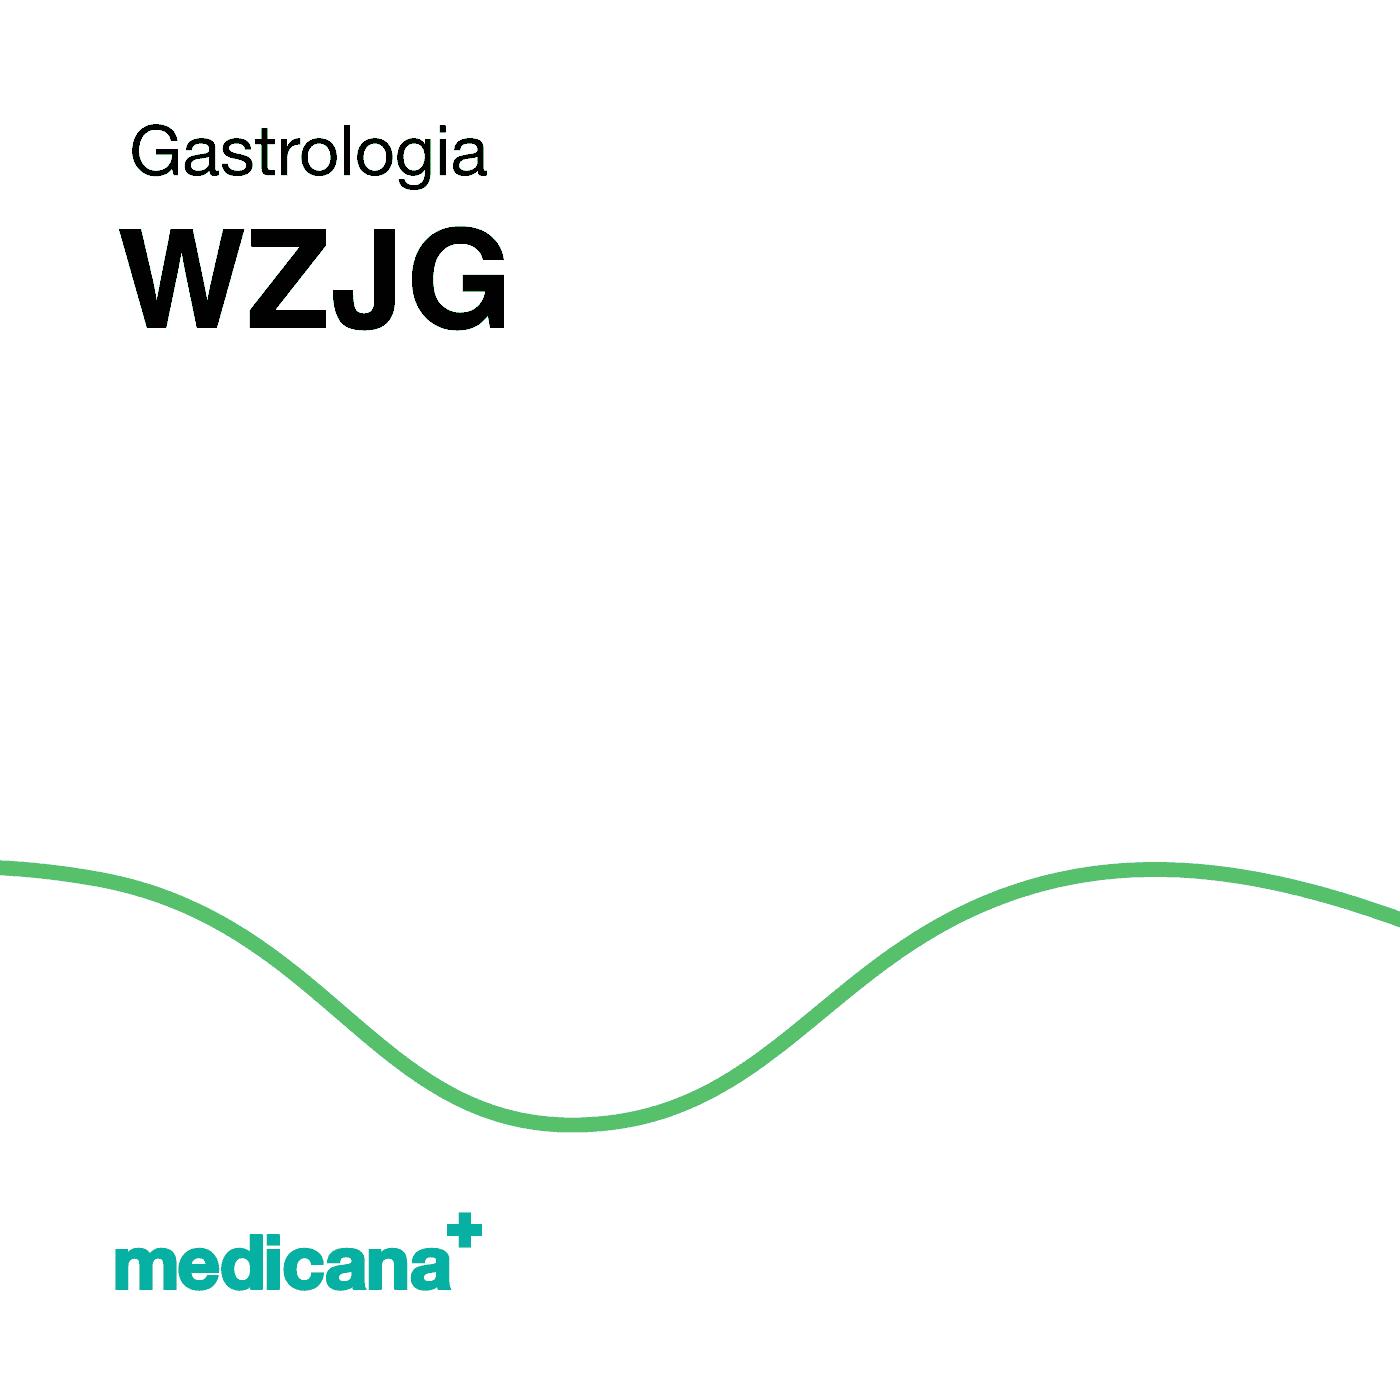 Grafika, białe tło z zieloną kreską, czarnym napisem Gastrologia - WZJG oraz zielonym logo Medicana w lewym dolnym rogu.